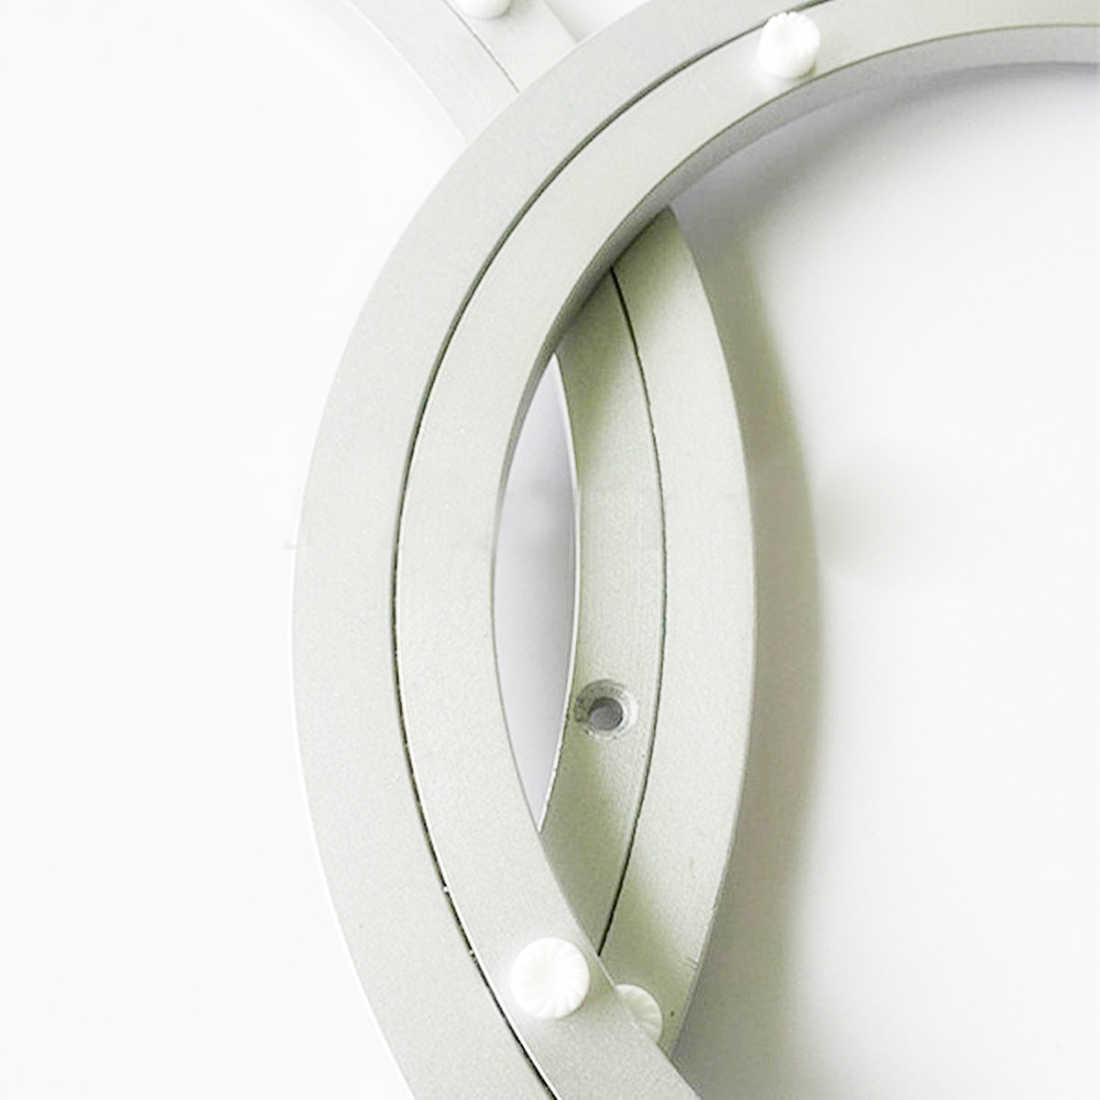 7 sólida Tamanhos Rotating Turntable Placa Giratória Do Rolamento de Alumínio Para A Decoração Do Bolo Escultura Base de TV Monitor de Suporte de Reparo Eletrônico